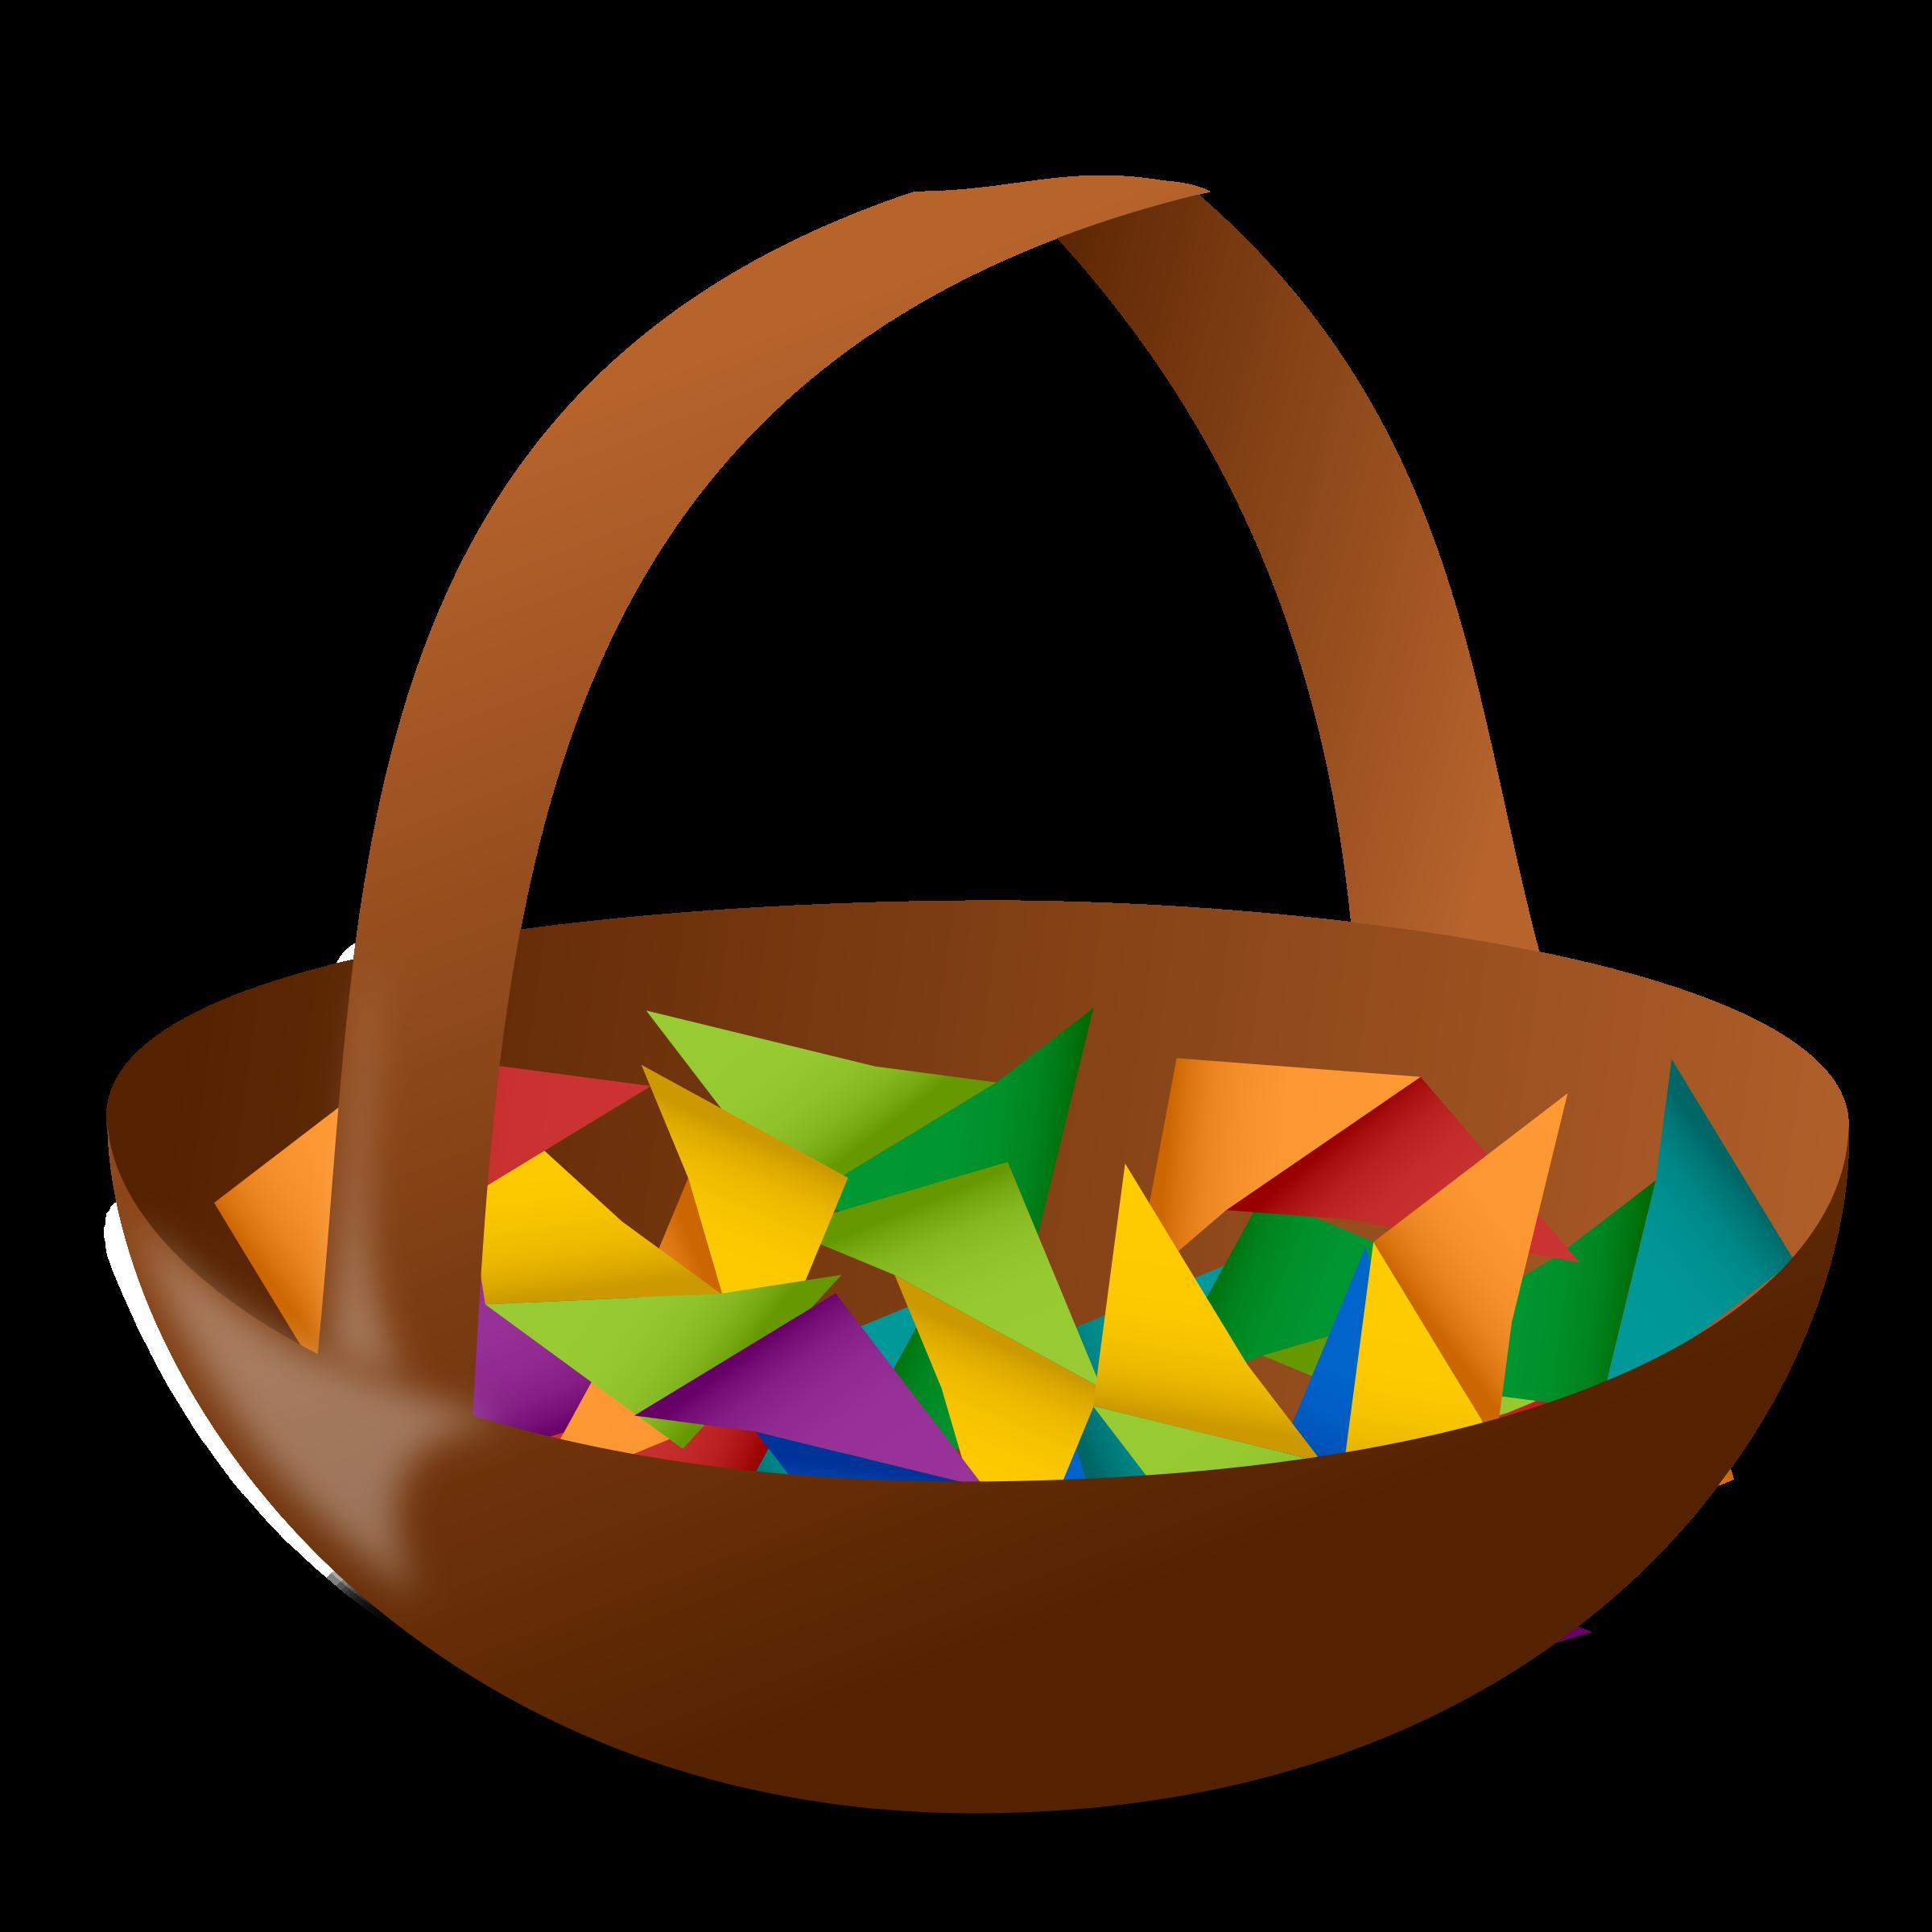 Basket big image png. Raffle clipart